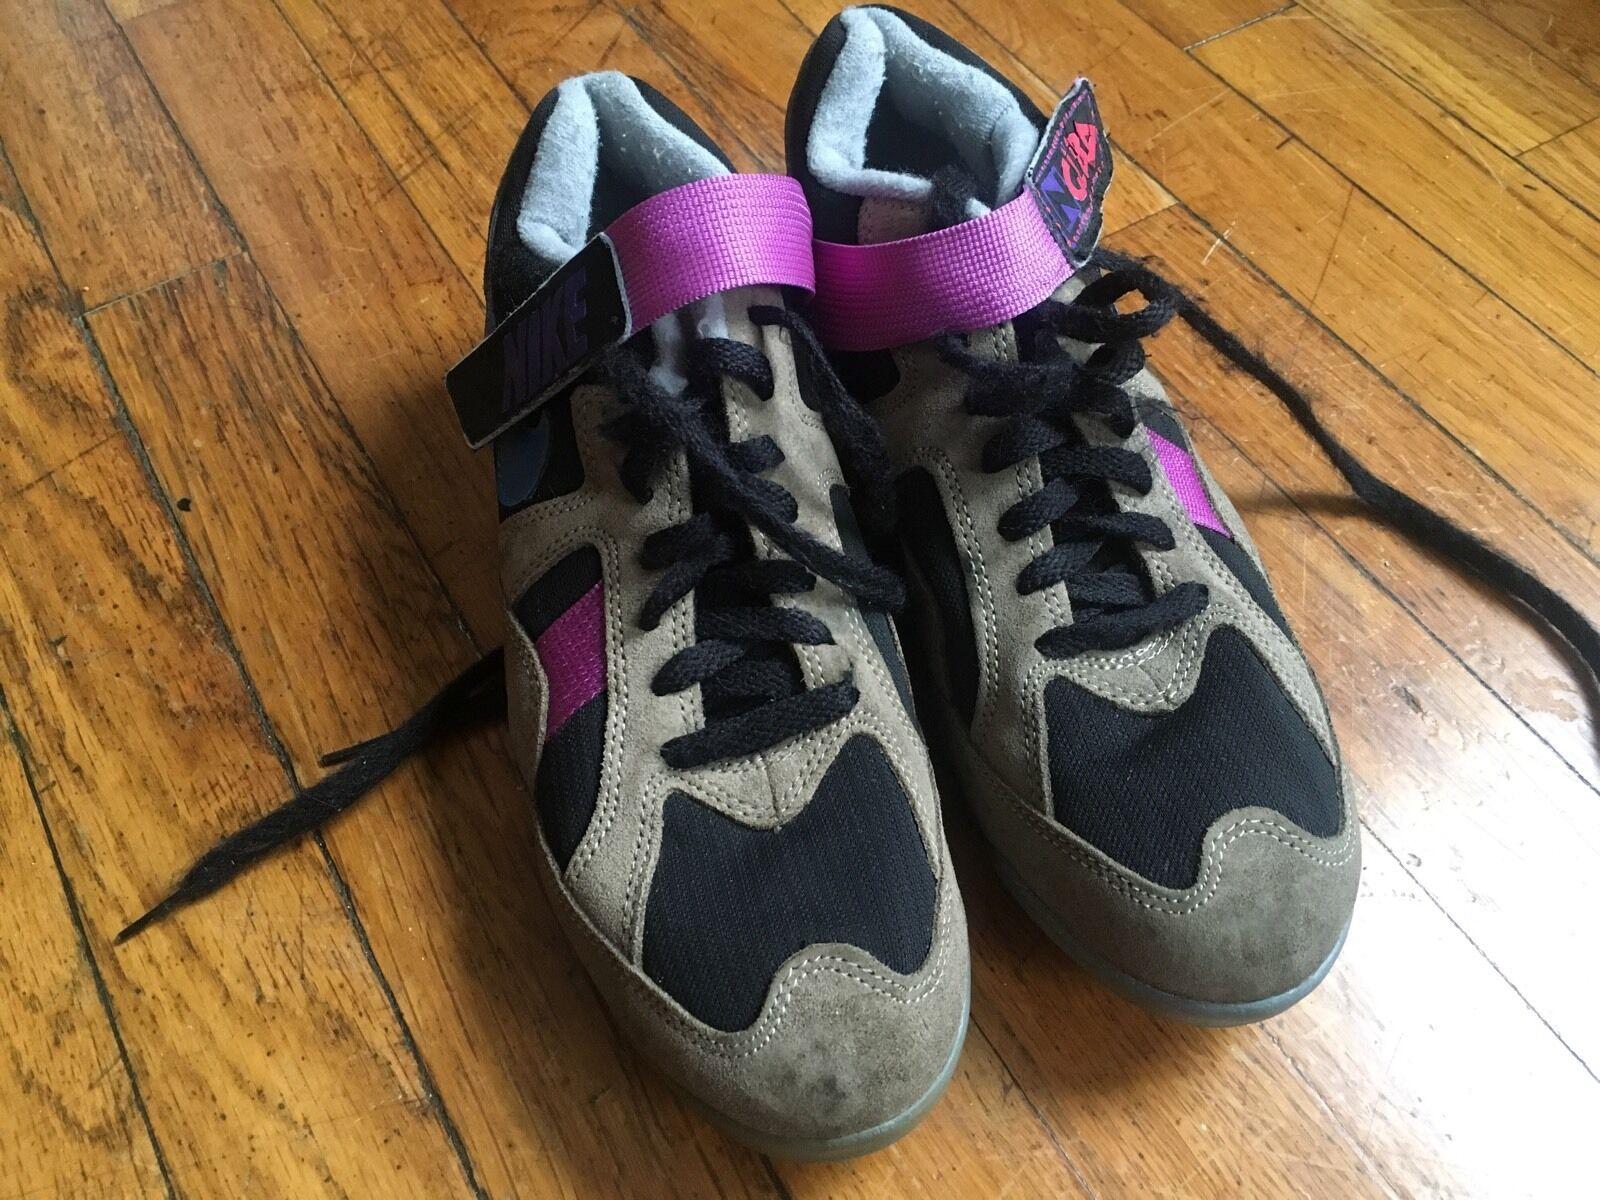 nike - baskets baskets baskets taille haute concord femmes 315057-411 chaussures bleu violet de 8 ad7362